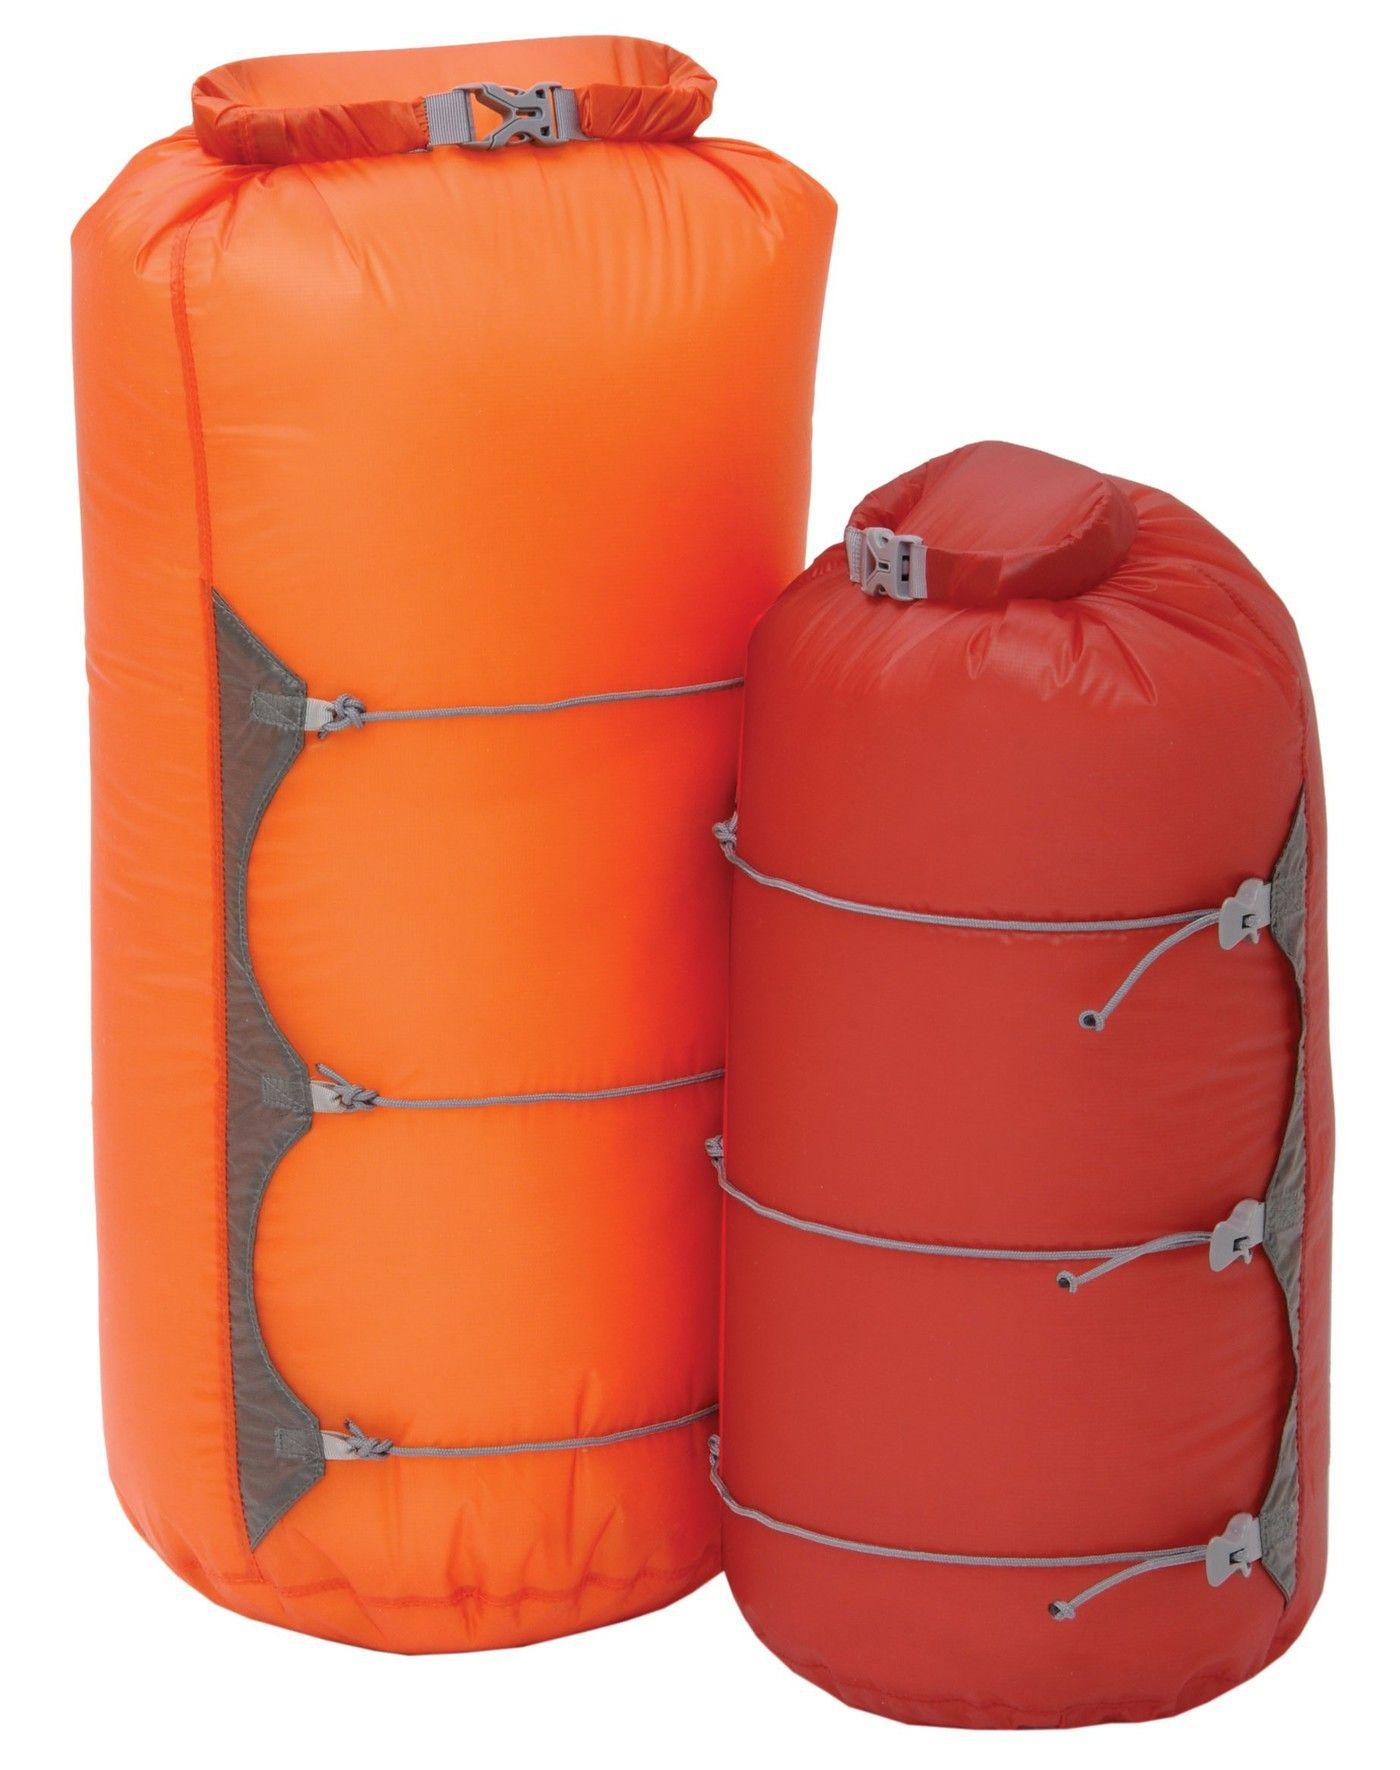 sac de compression exped waterproof compression bag ul. Black Bedroom Furniture Sets. Home Design Ideas